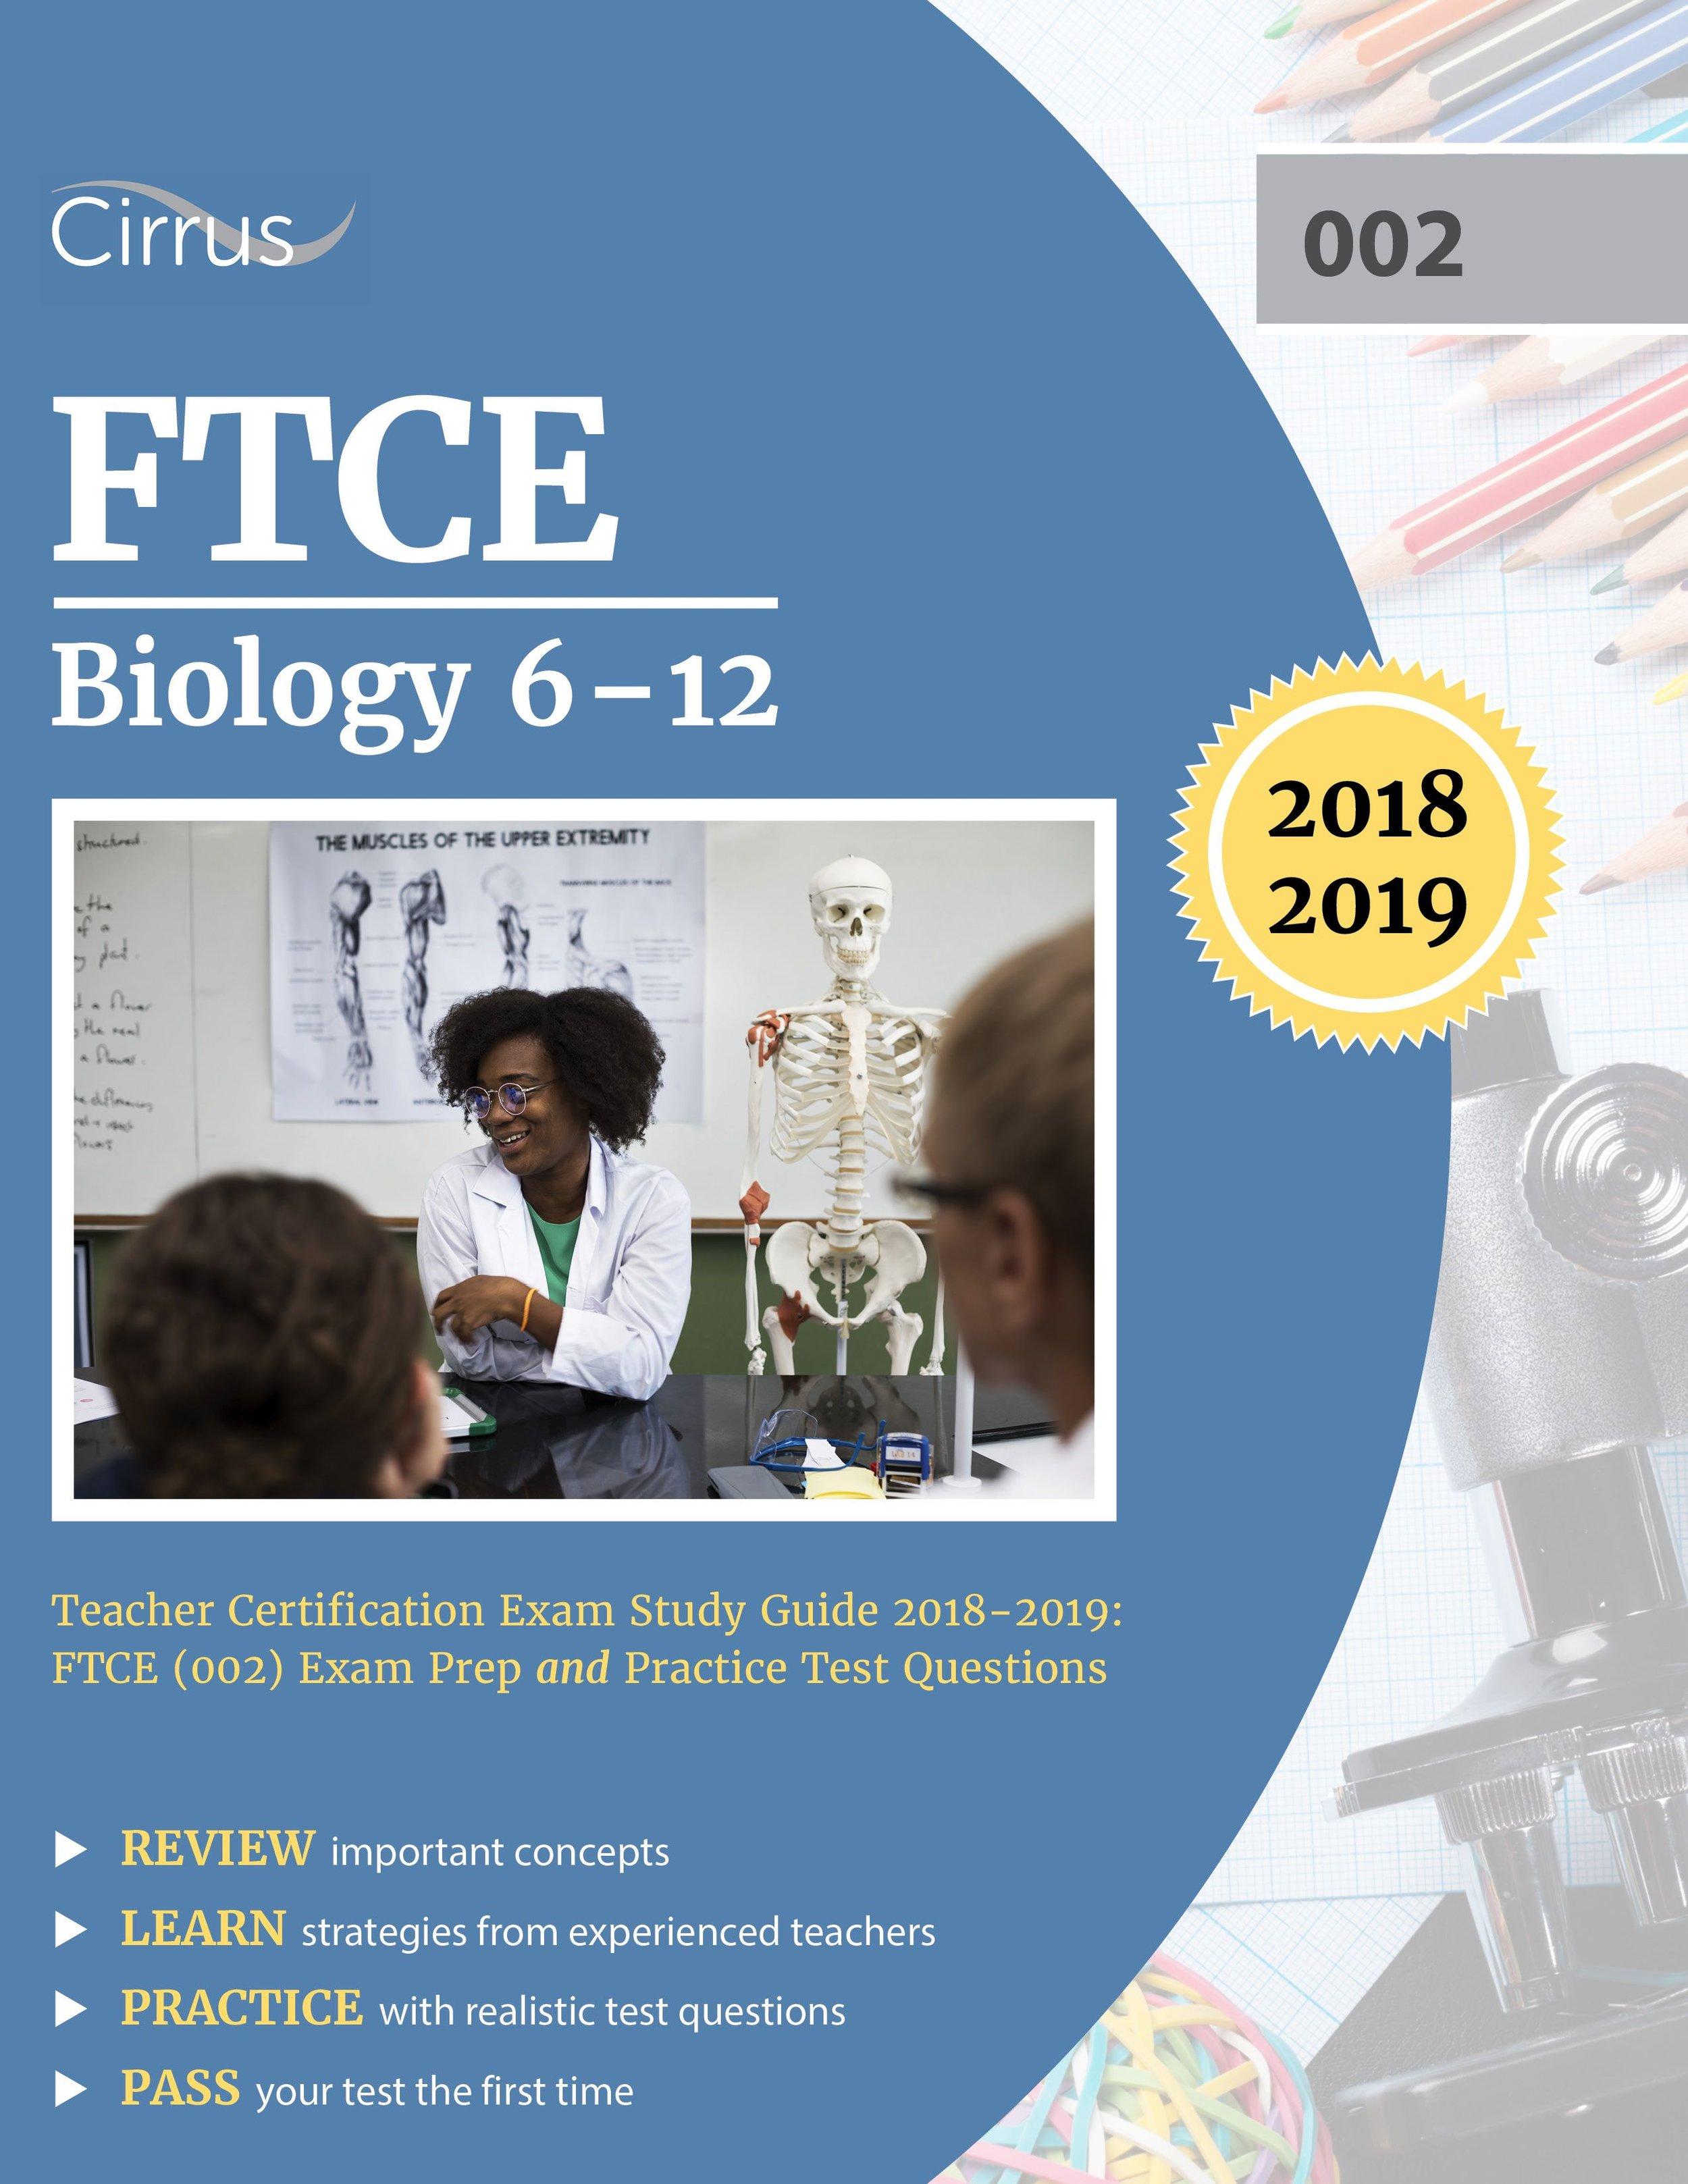 FTCE_biology_cover_website-compressor.jpg